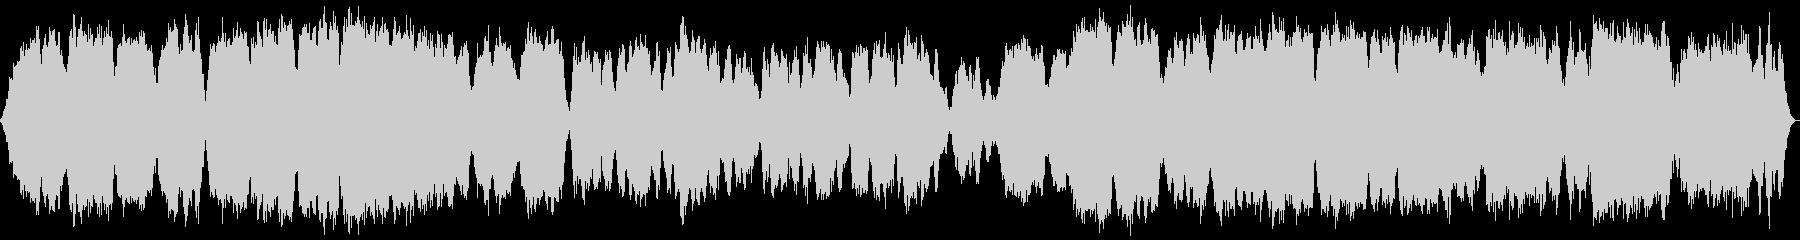 テルミン多重録音による音源ですの未再生の波形